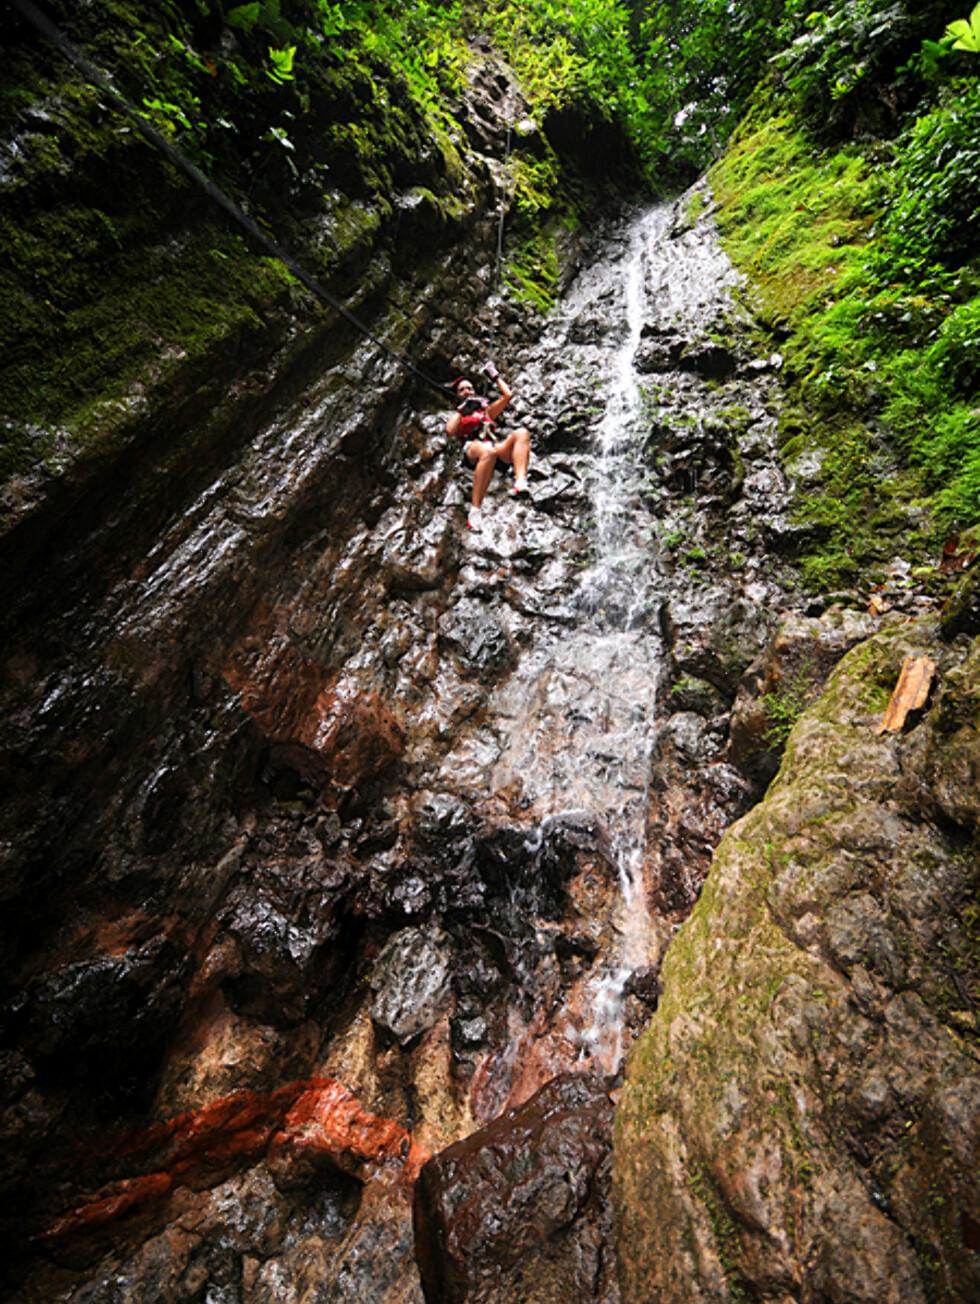 Canyoneering i la Fortuna er et av mange actionfylte tilbud du kan ta del i rundt innsjøen Arenal. Med opp til 40 meter rett ned de mosefylte fjellveggene, er det ikke for deg med høydeskrekk.  Foto: Hans Kristian Krogh-Hanssen